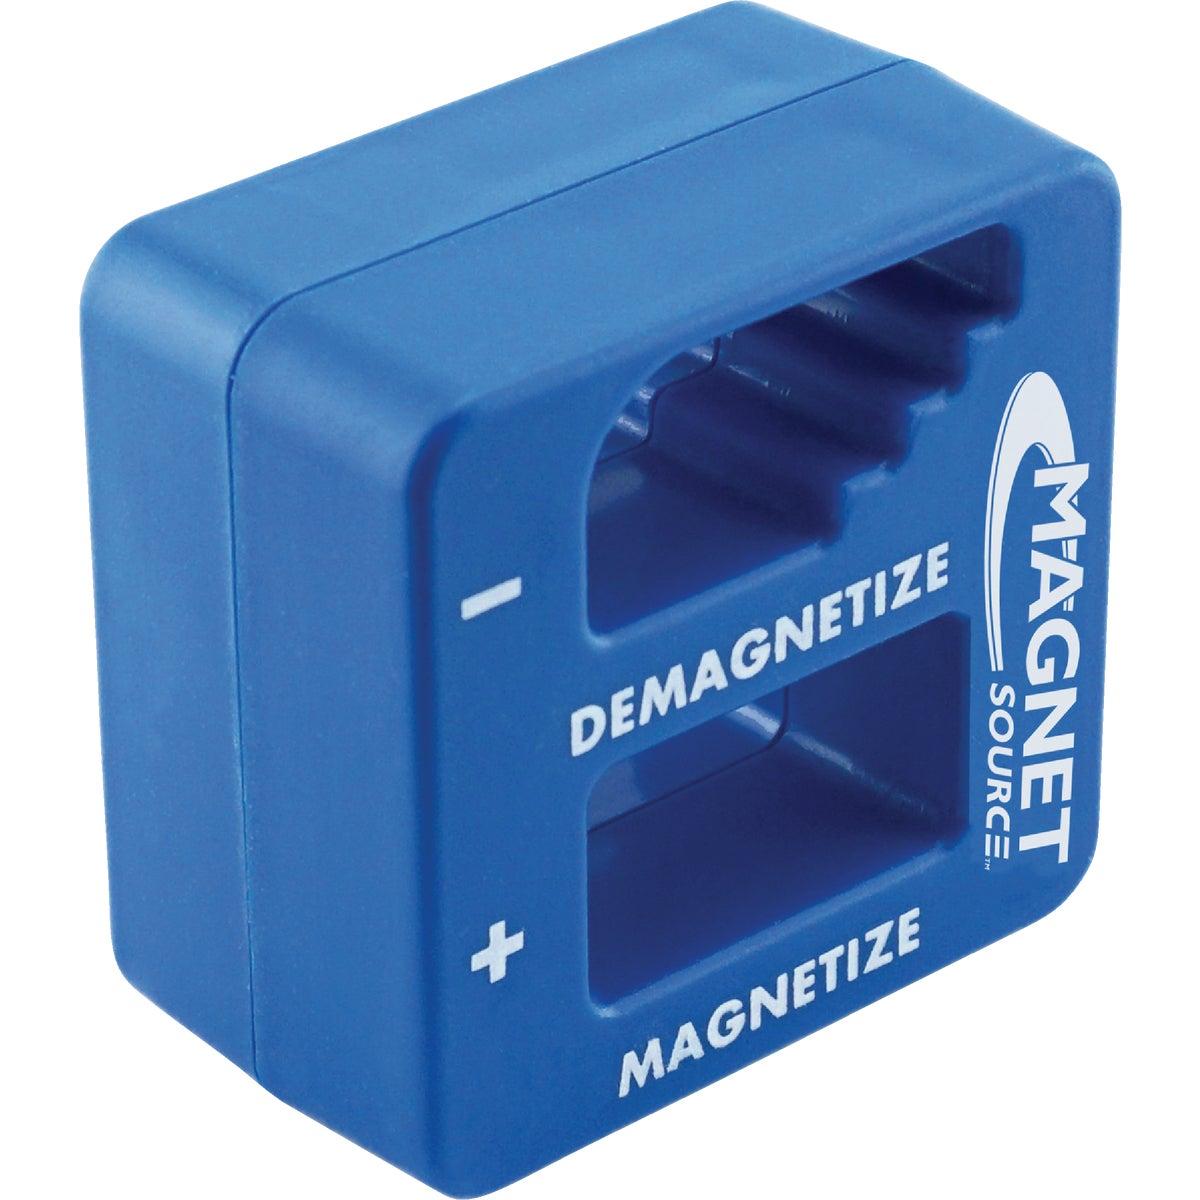 MAGNETIZER/DEMAGNETIZER